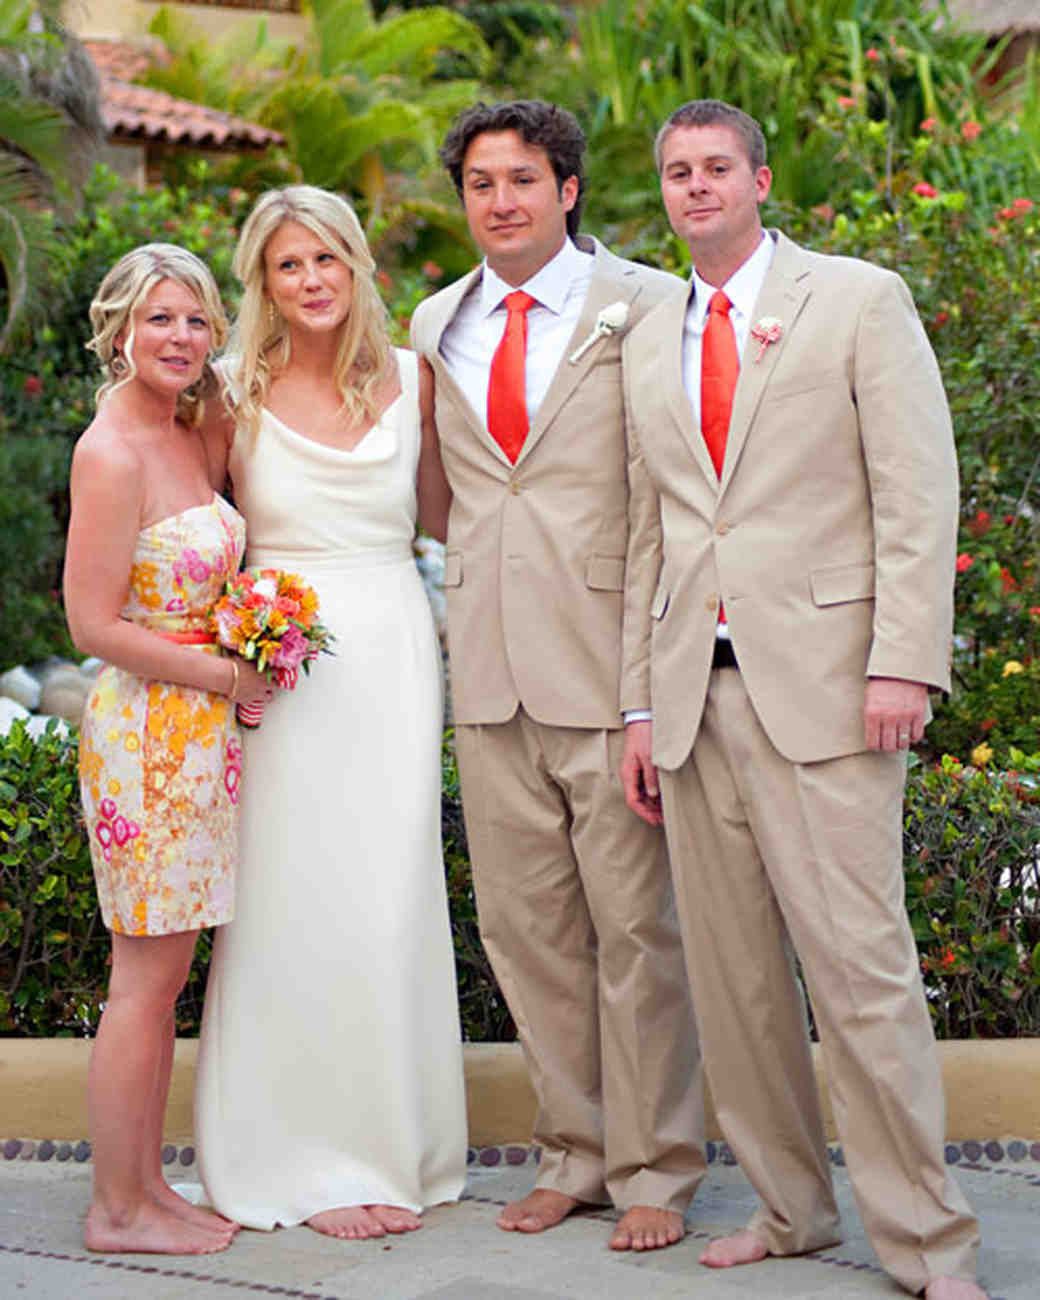 rw_2010_nina_john_bridalparty.jpg